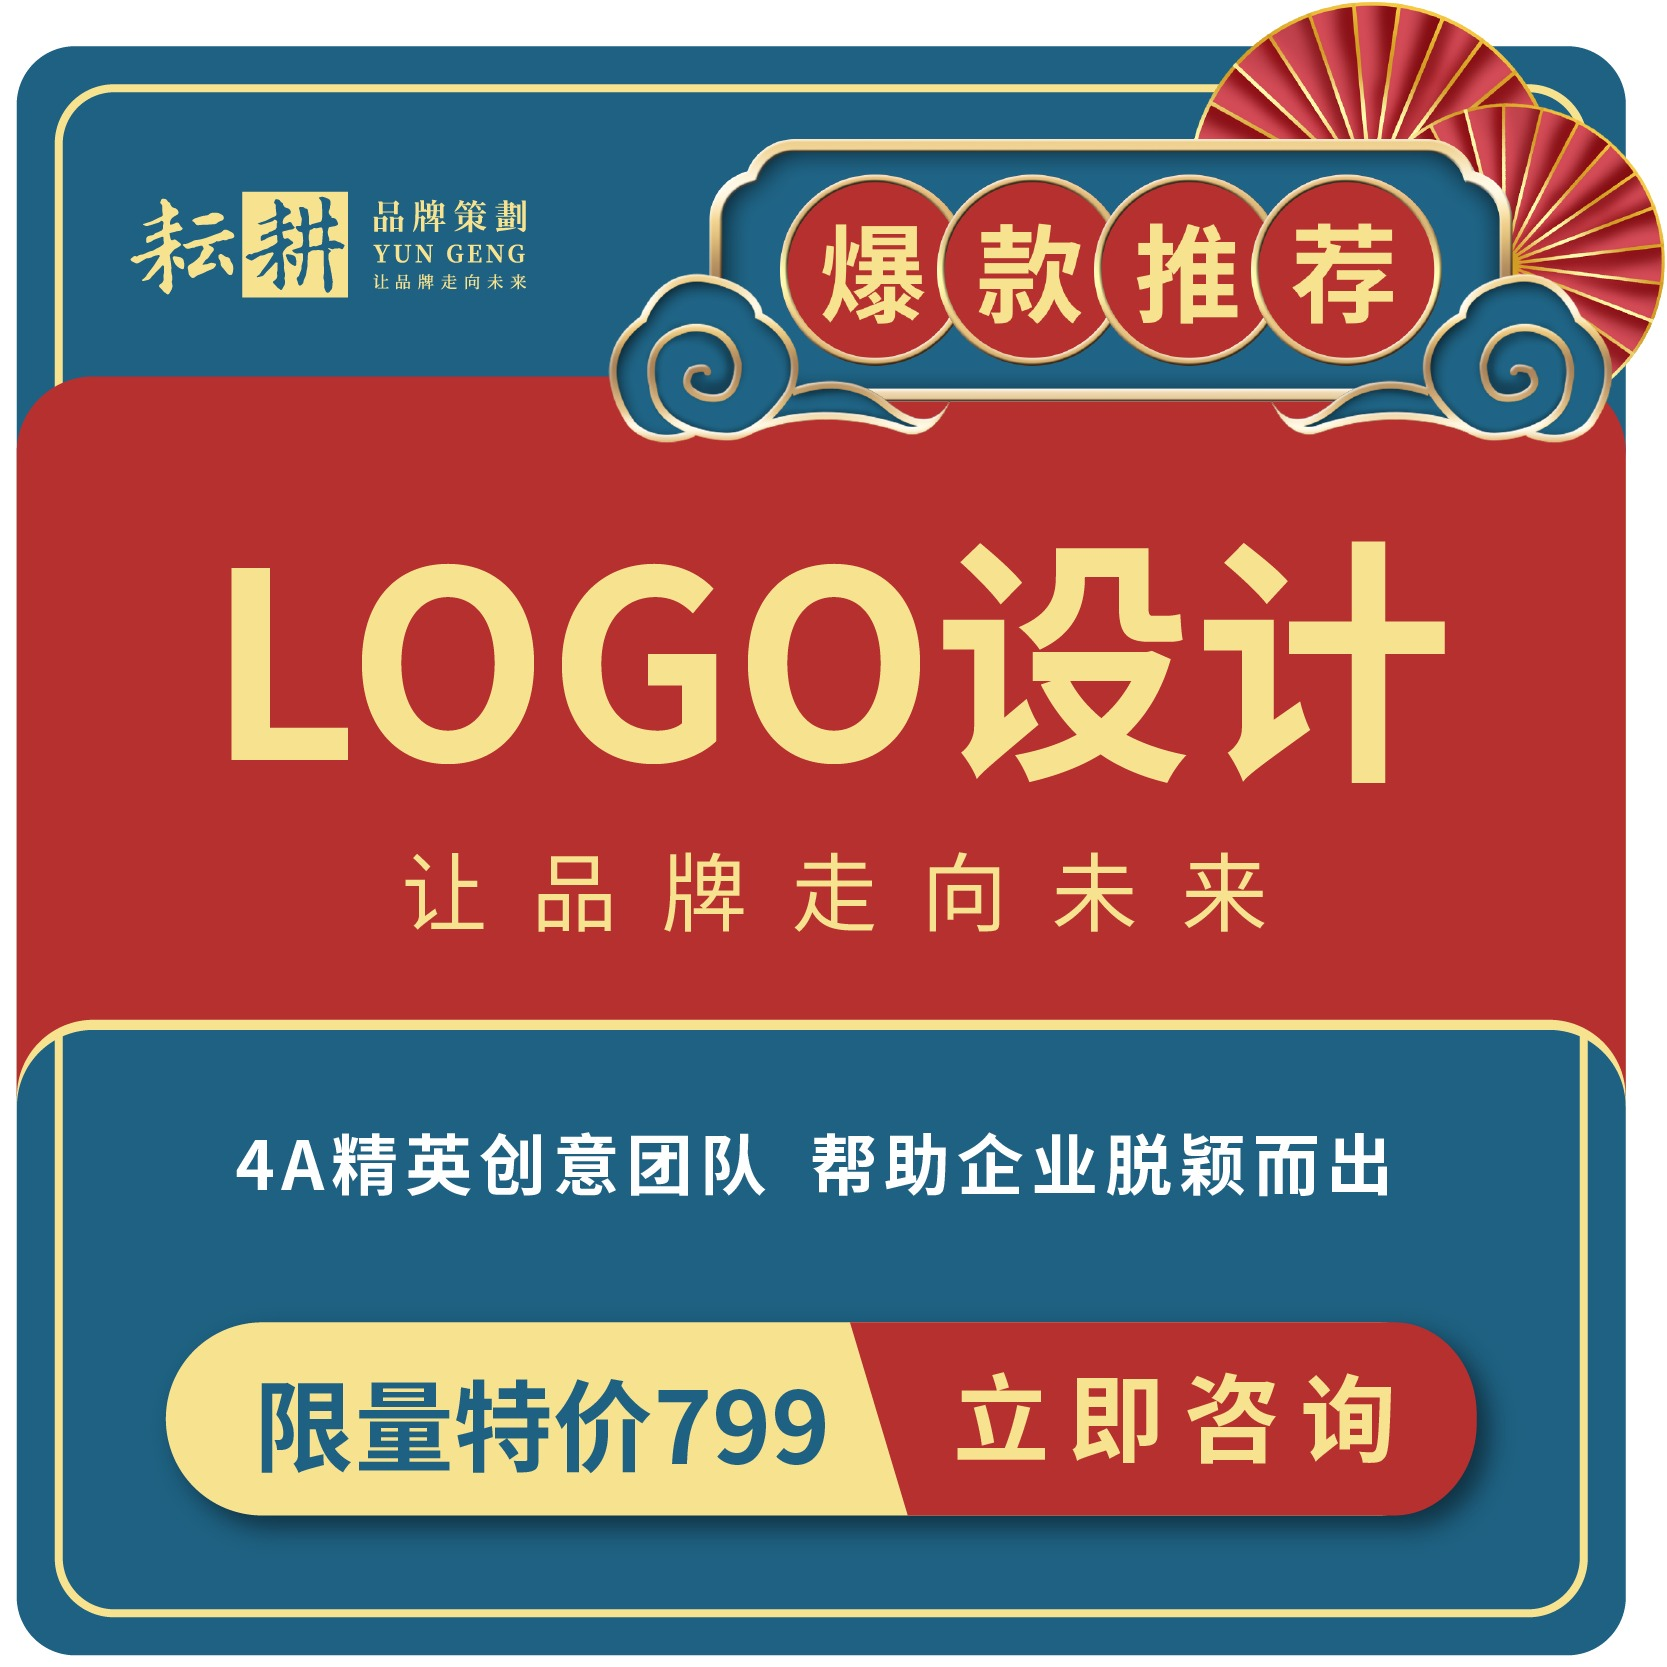 【LOGO设计】公司logo设计标志设计字体卡通logo商标